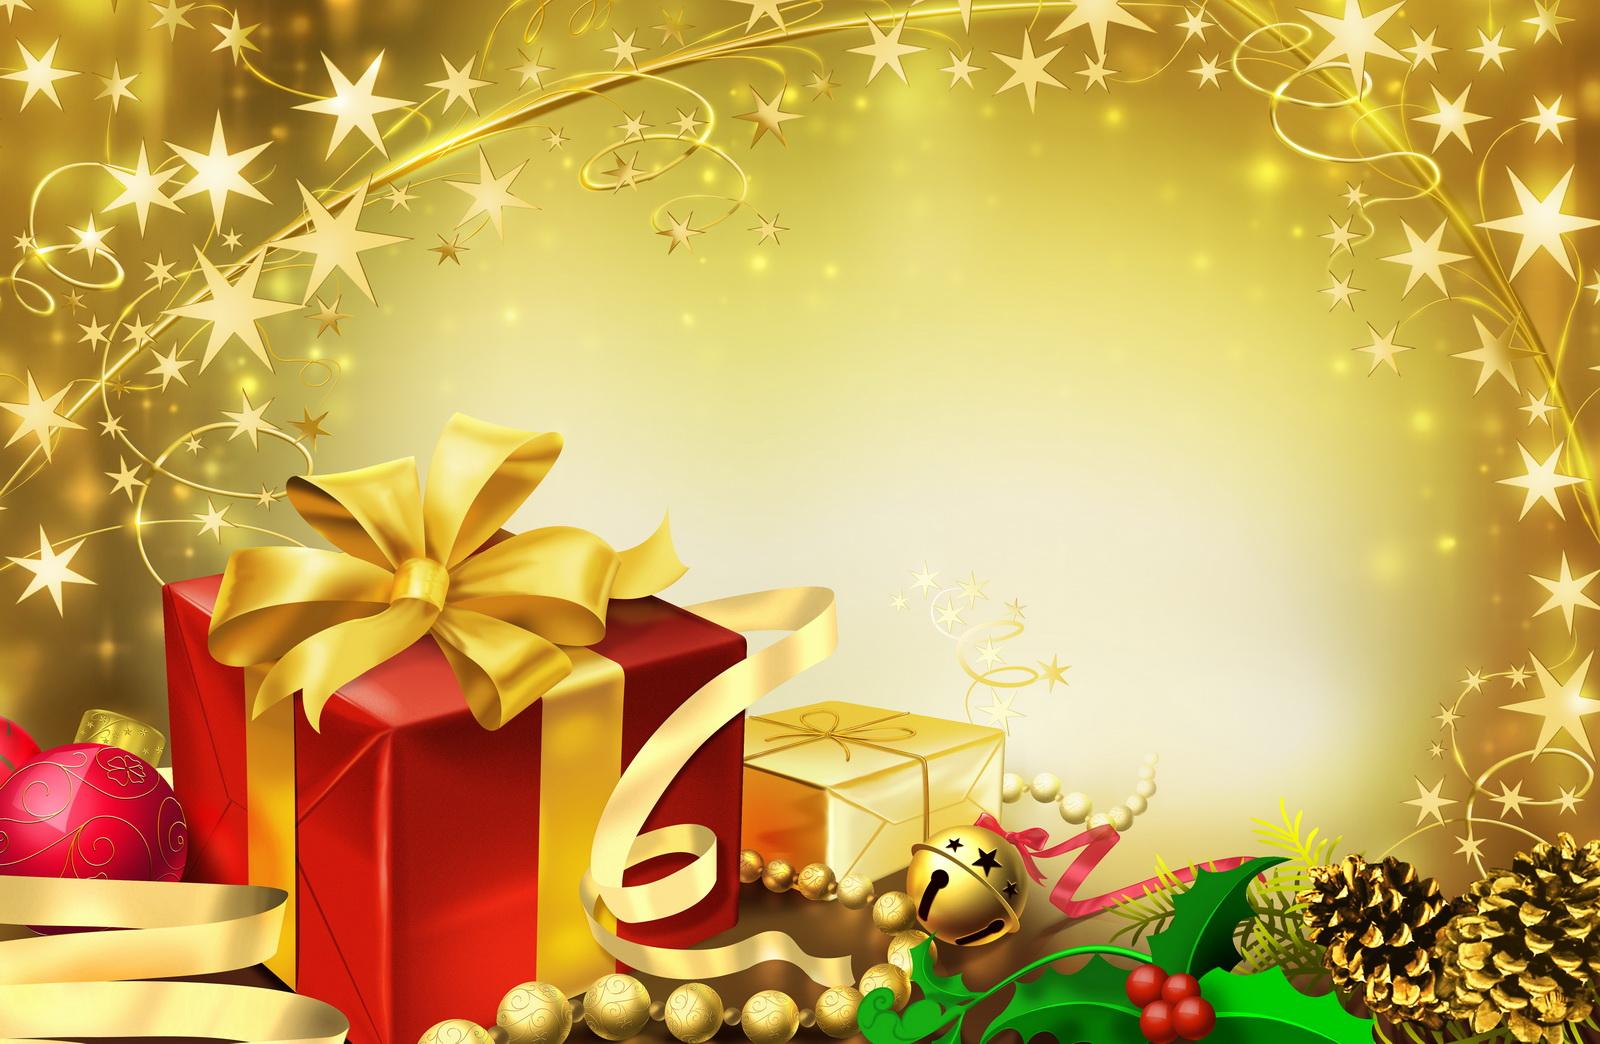 O Melhor Pedido de Natal